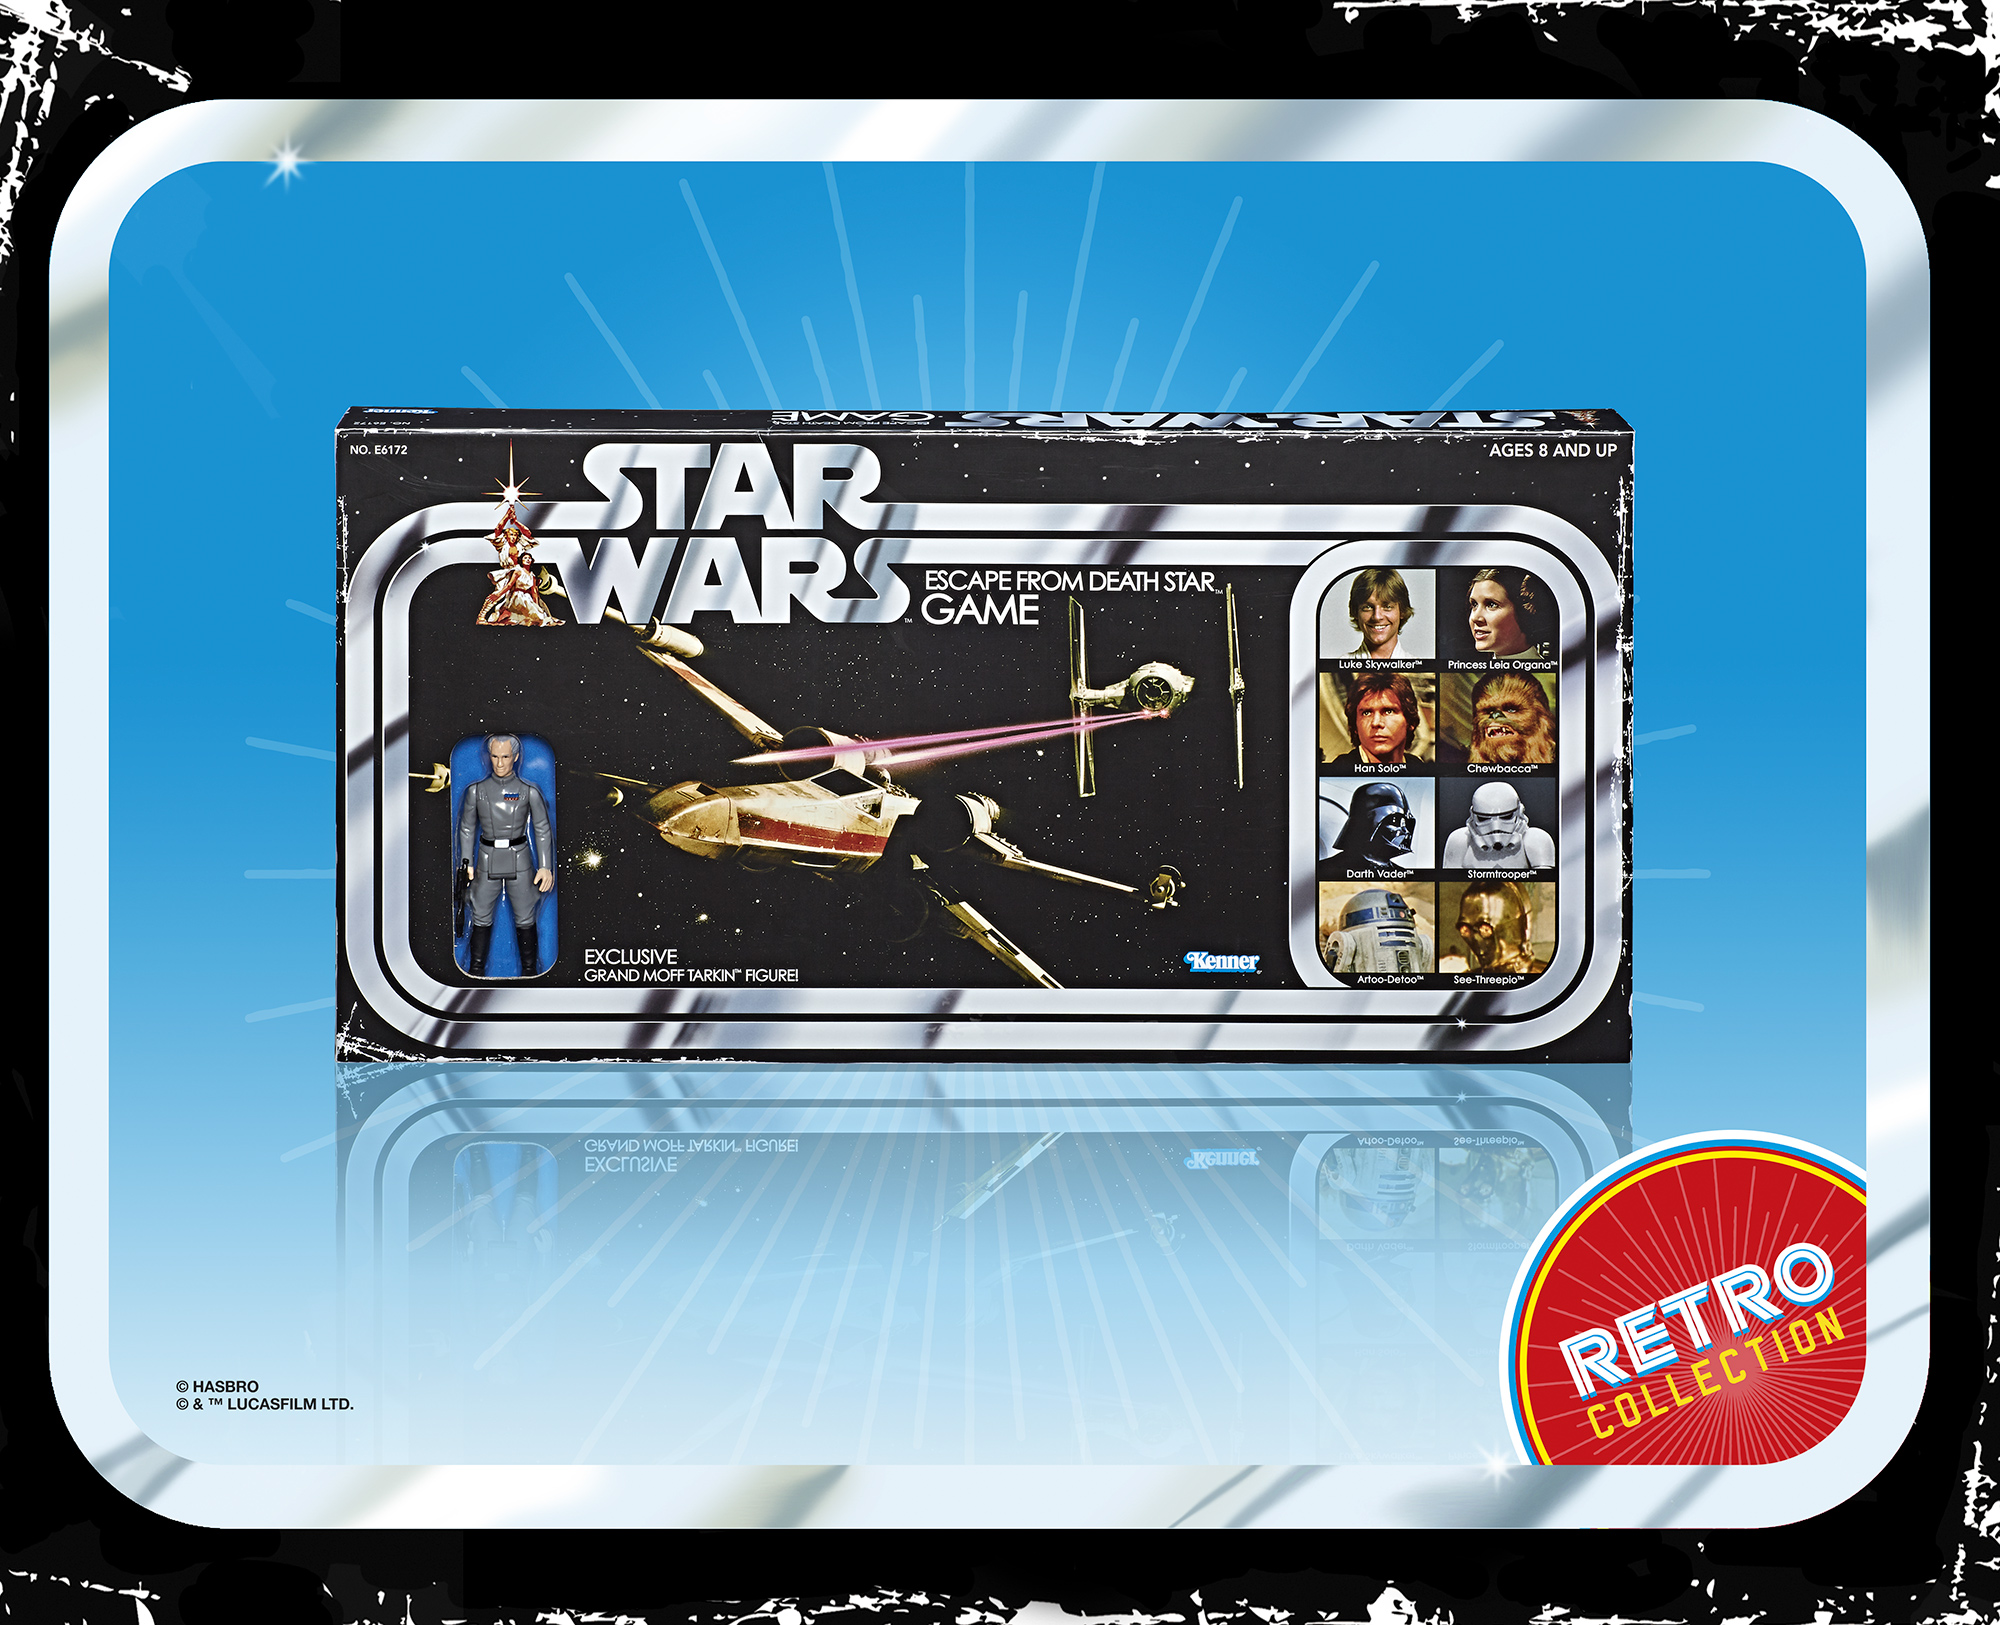 Star-Wars-Retro-Game-in-pck-(2)